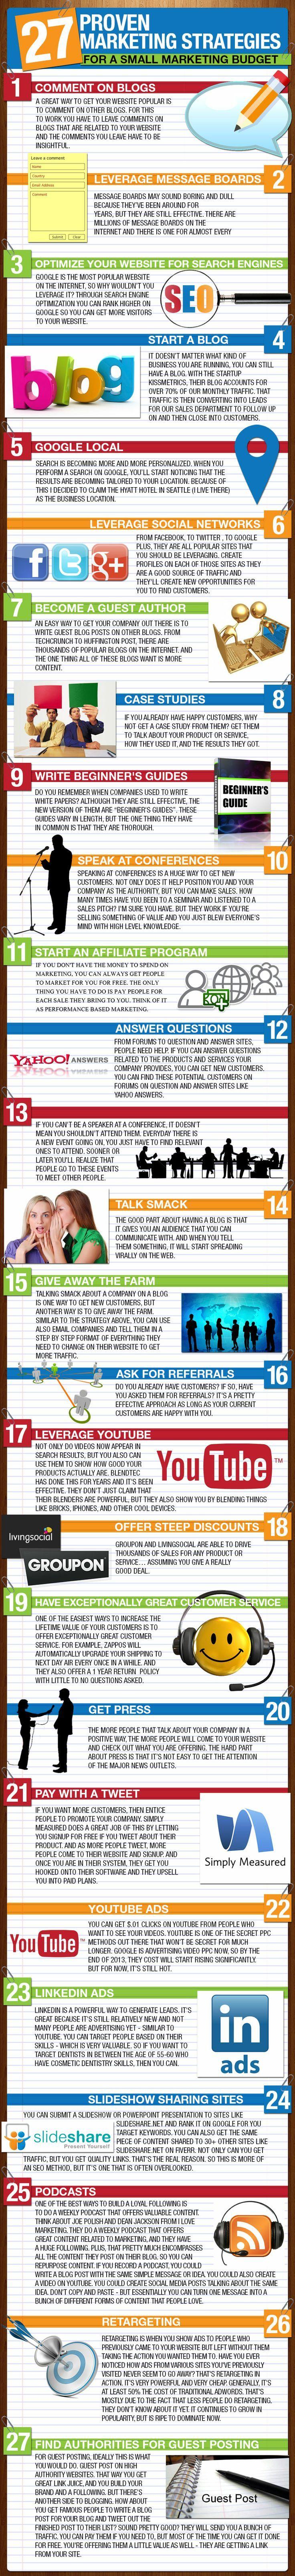 Infográficos sobre estratégias de marketing digital